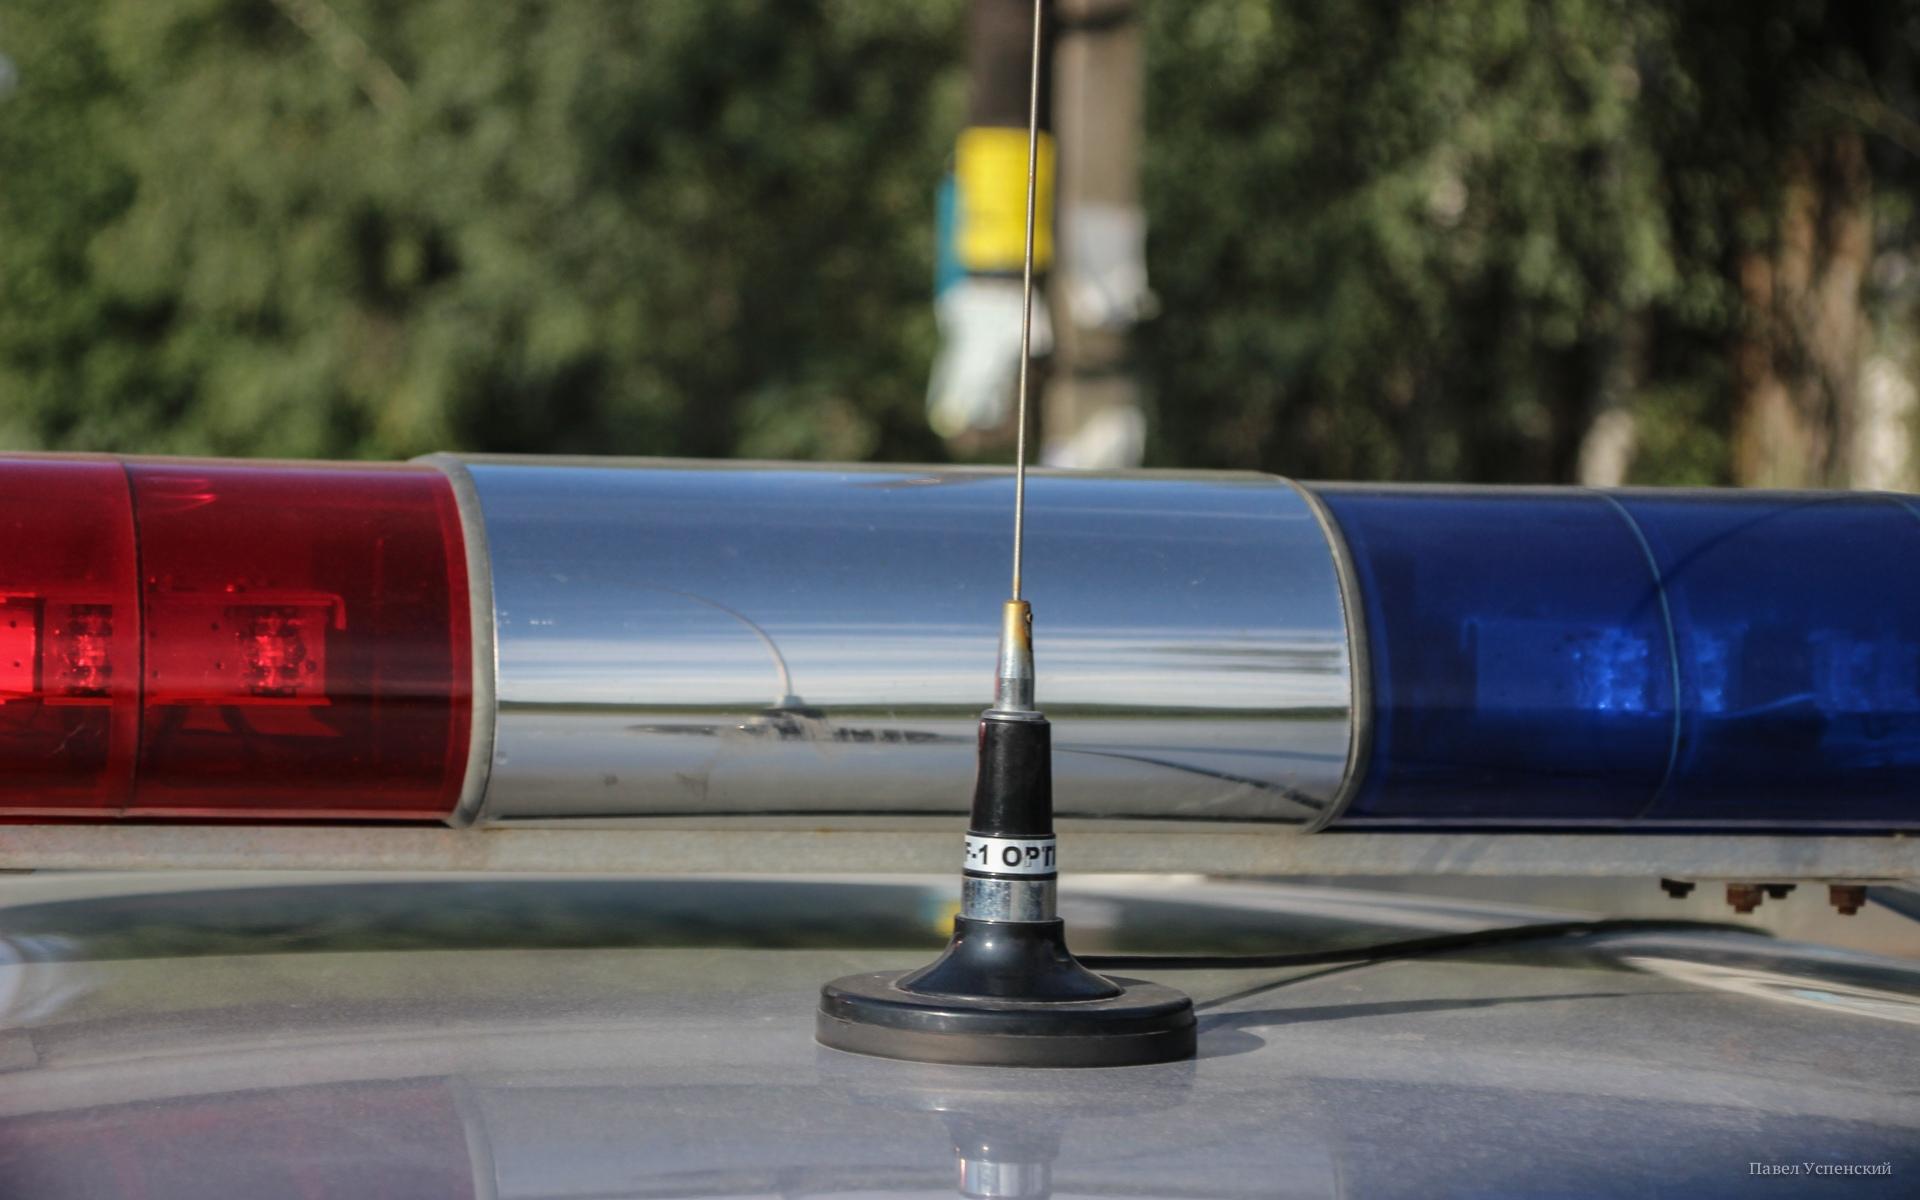 Мотоциклист получил травмы в ДТП в Тверской области - новости Афанасий